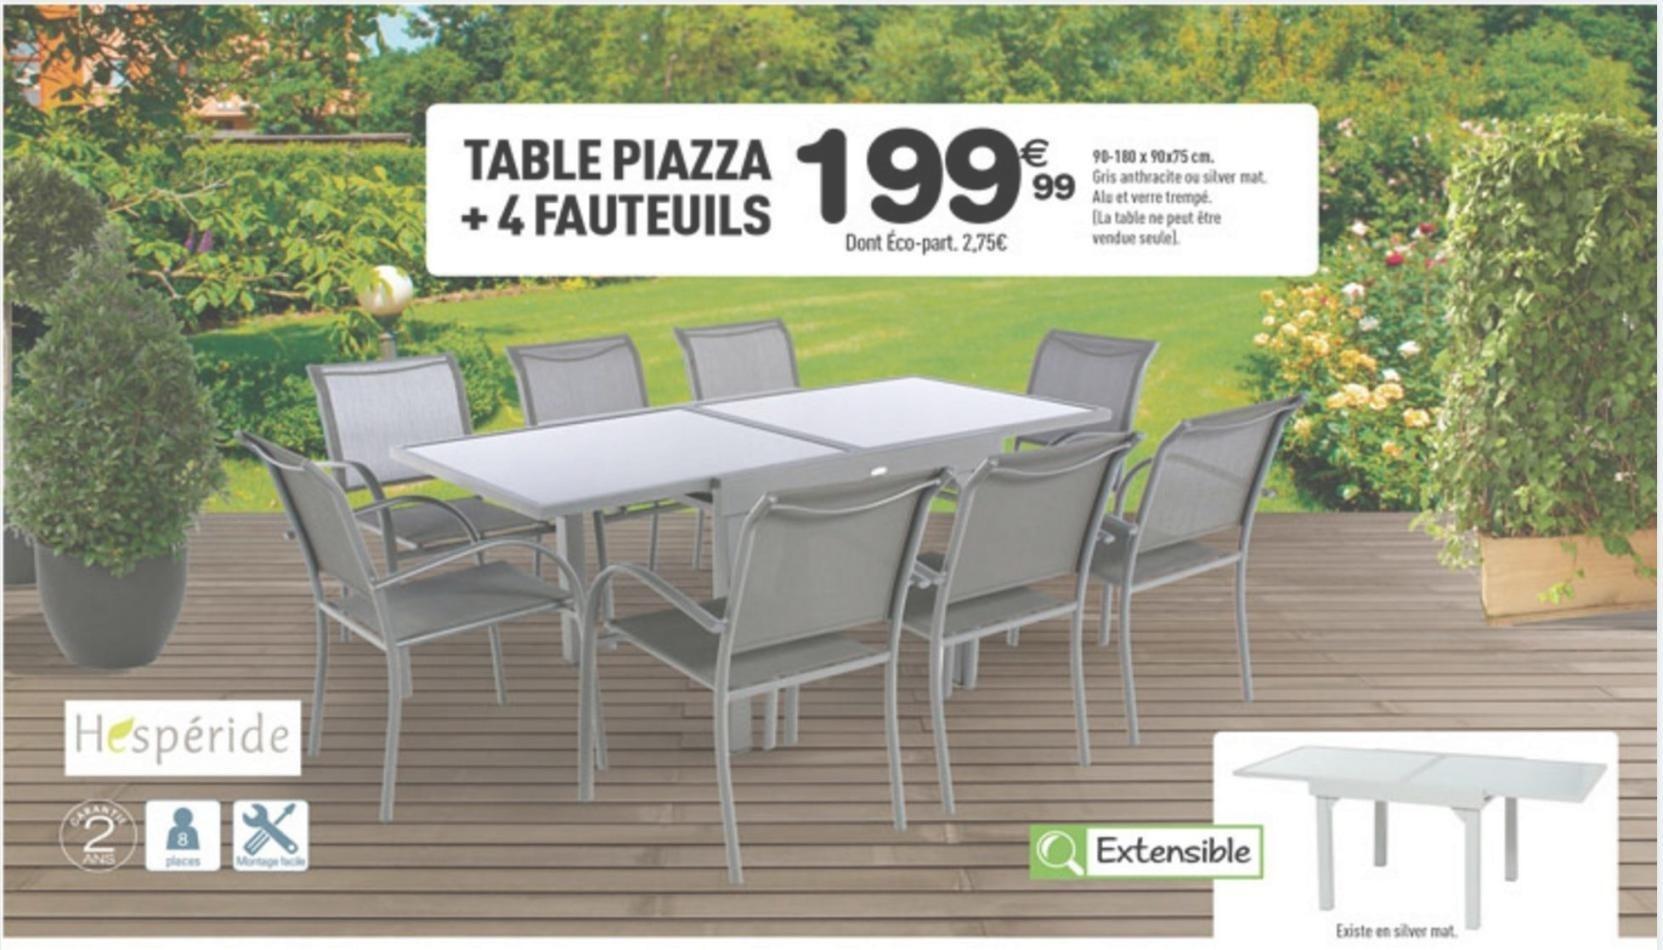 Table Centrakor Table De Table Centrakor De Hesperide ... tout Centrakor Salon De Jardin